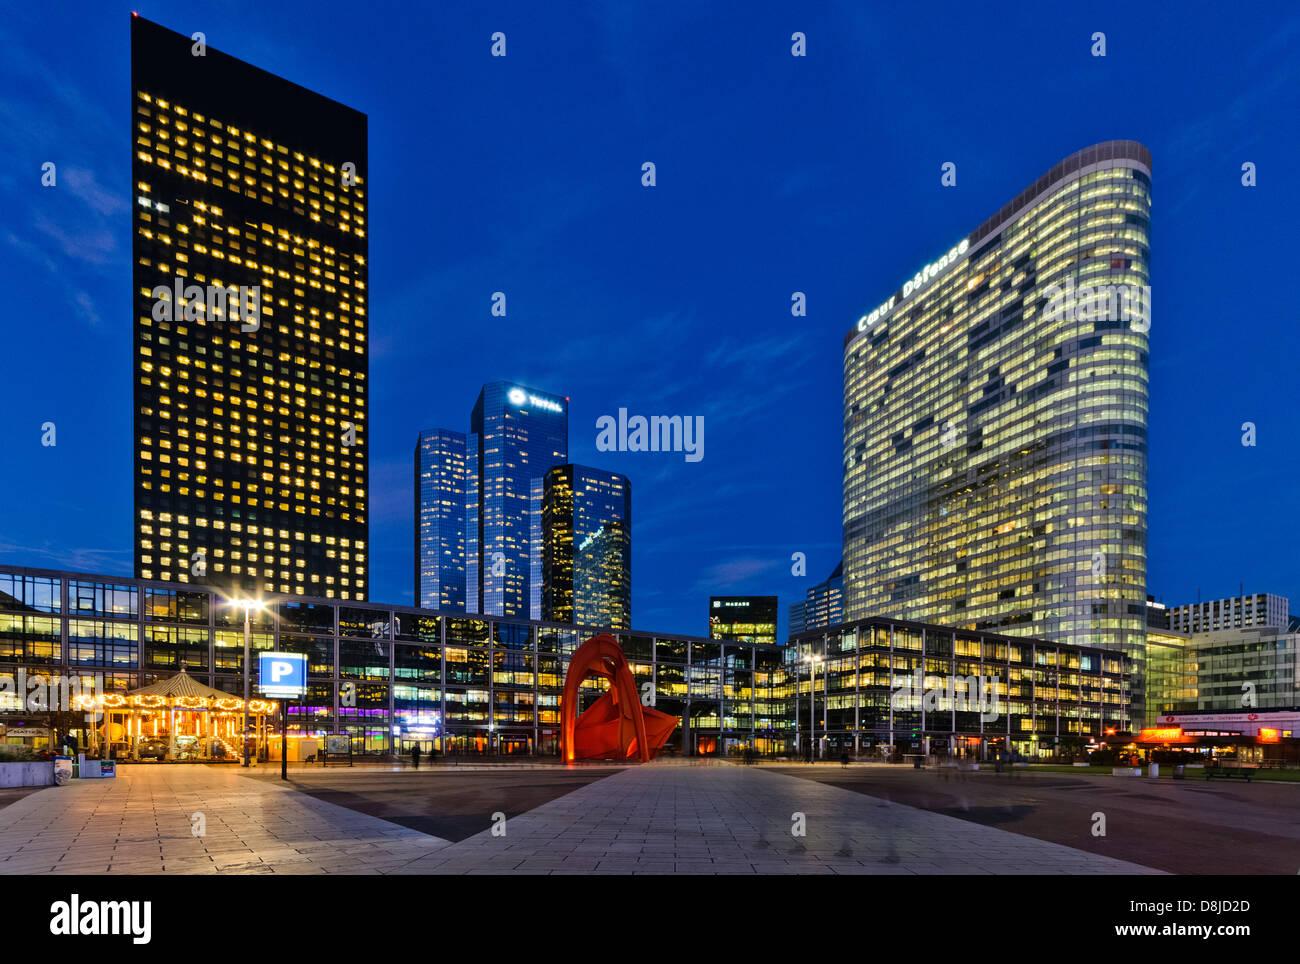 Financial district of La Defense, Puteaux, Paris, France - Stock Image